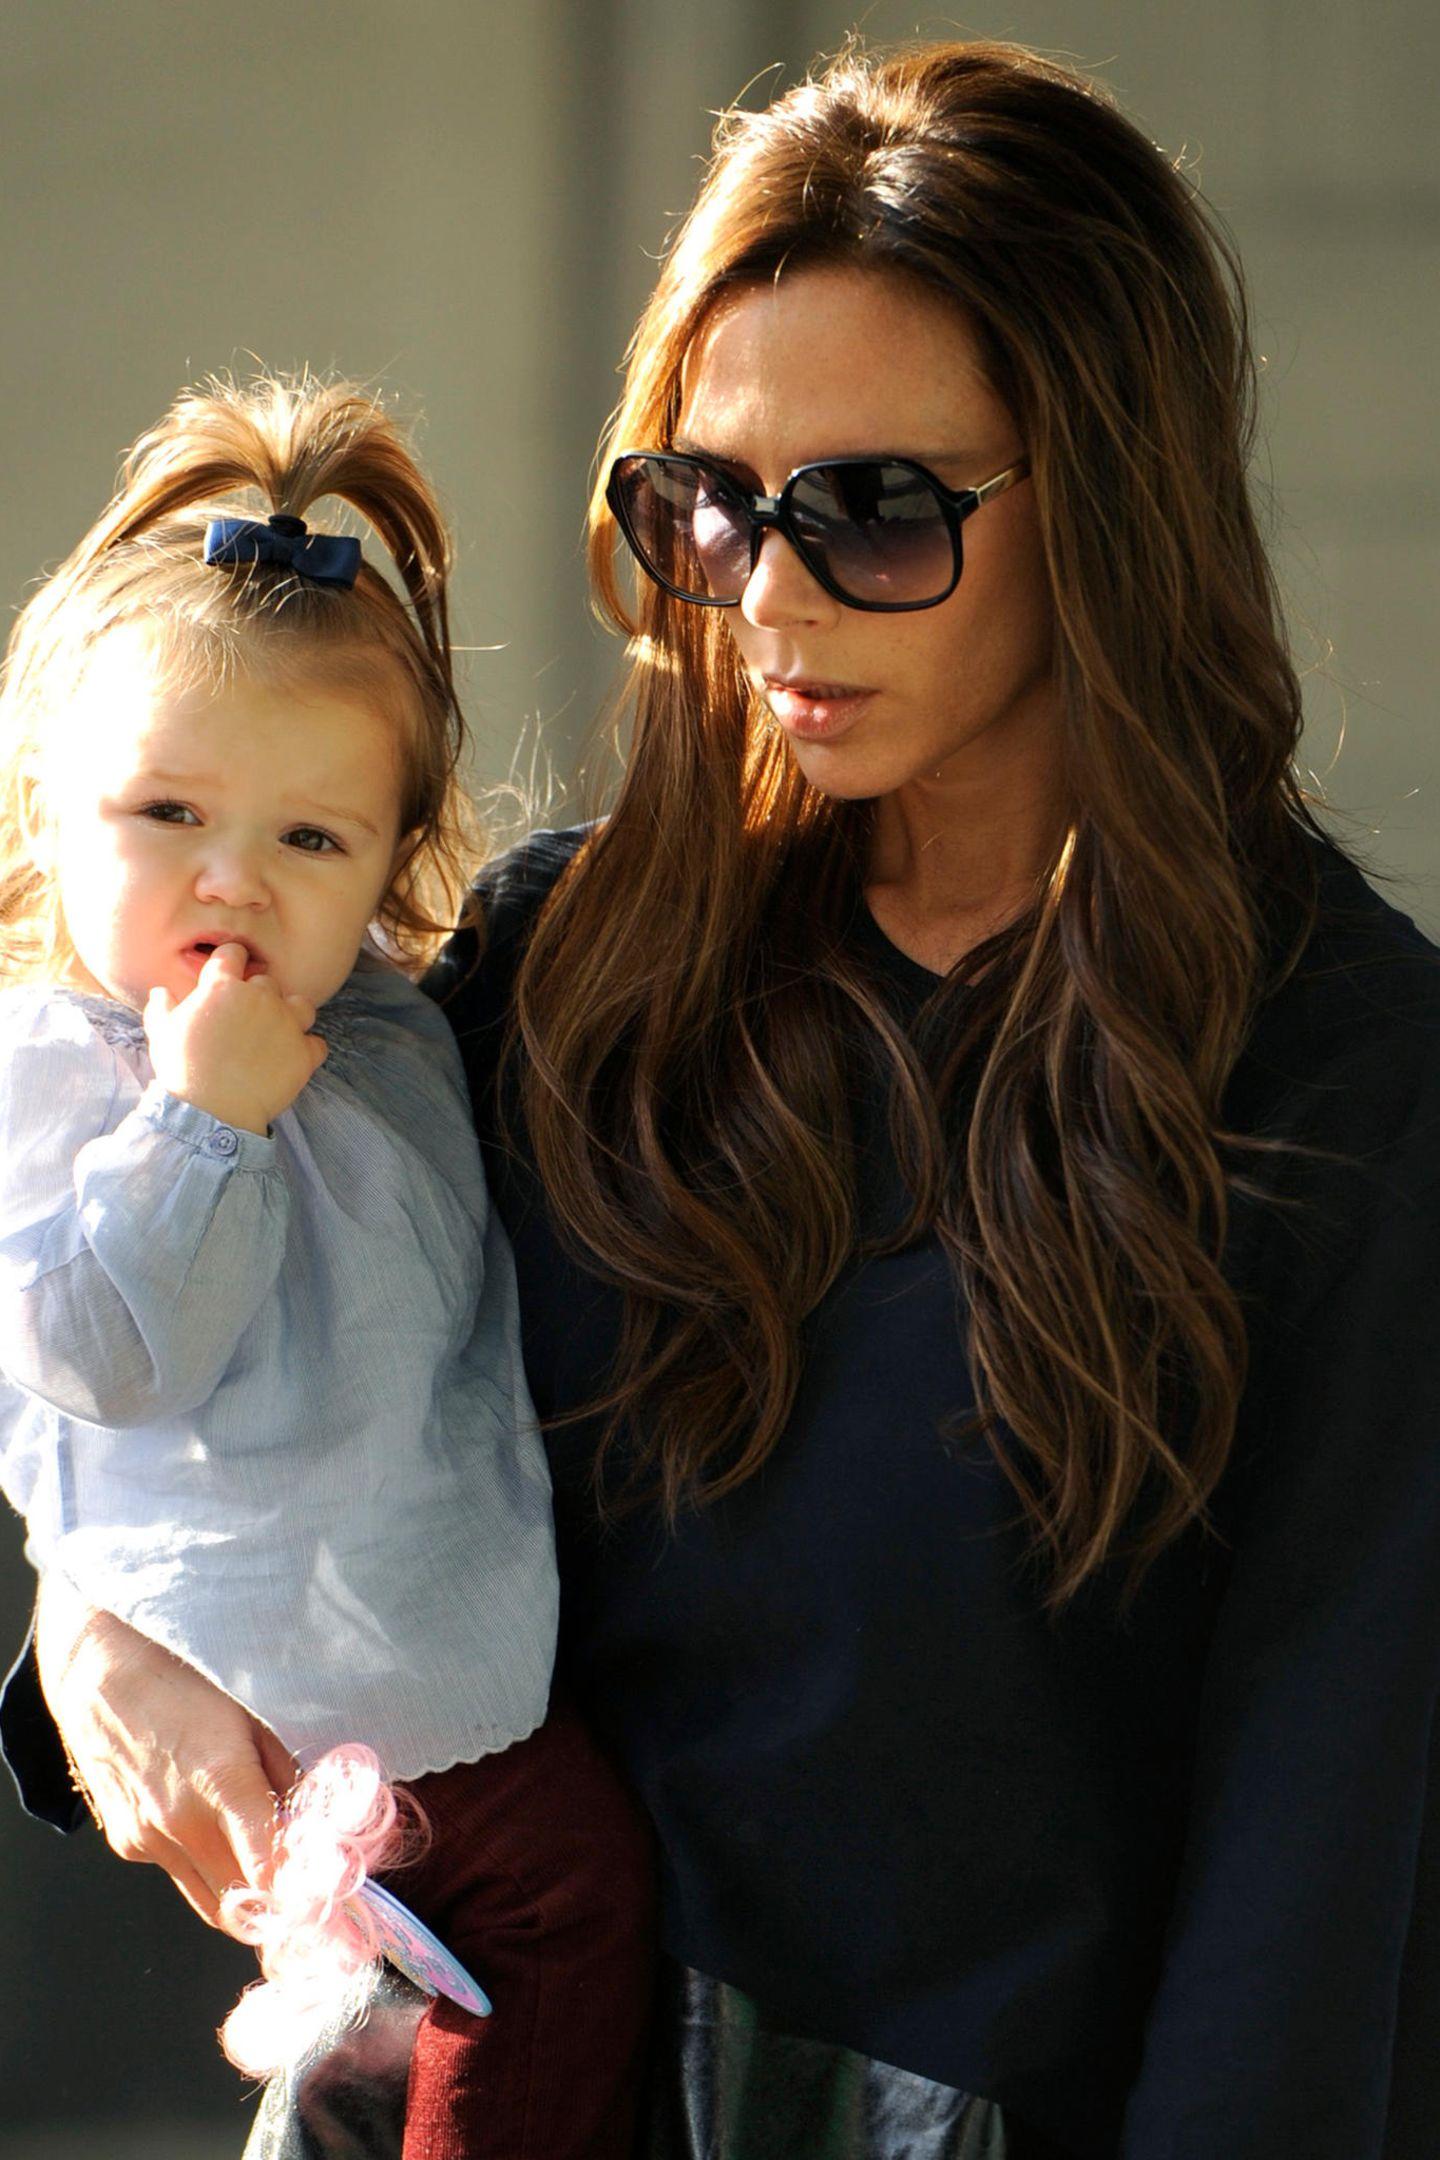 Mit Harper Seven geht 2011 für Victoria Beckham ein Lebenstraum in Erfüllung: ein Mädchen zum Liebhaben, das in ihre stylischen Fußstapfen tritt.Für Victoria und David ist Harper nach den drei Söhnen Brooklyn, Romeo und Cruz das vierte Kind.